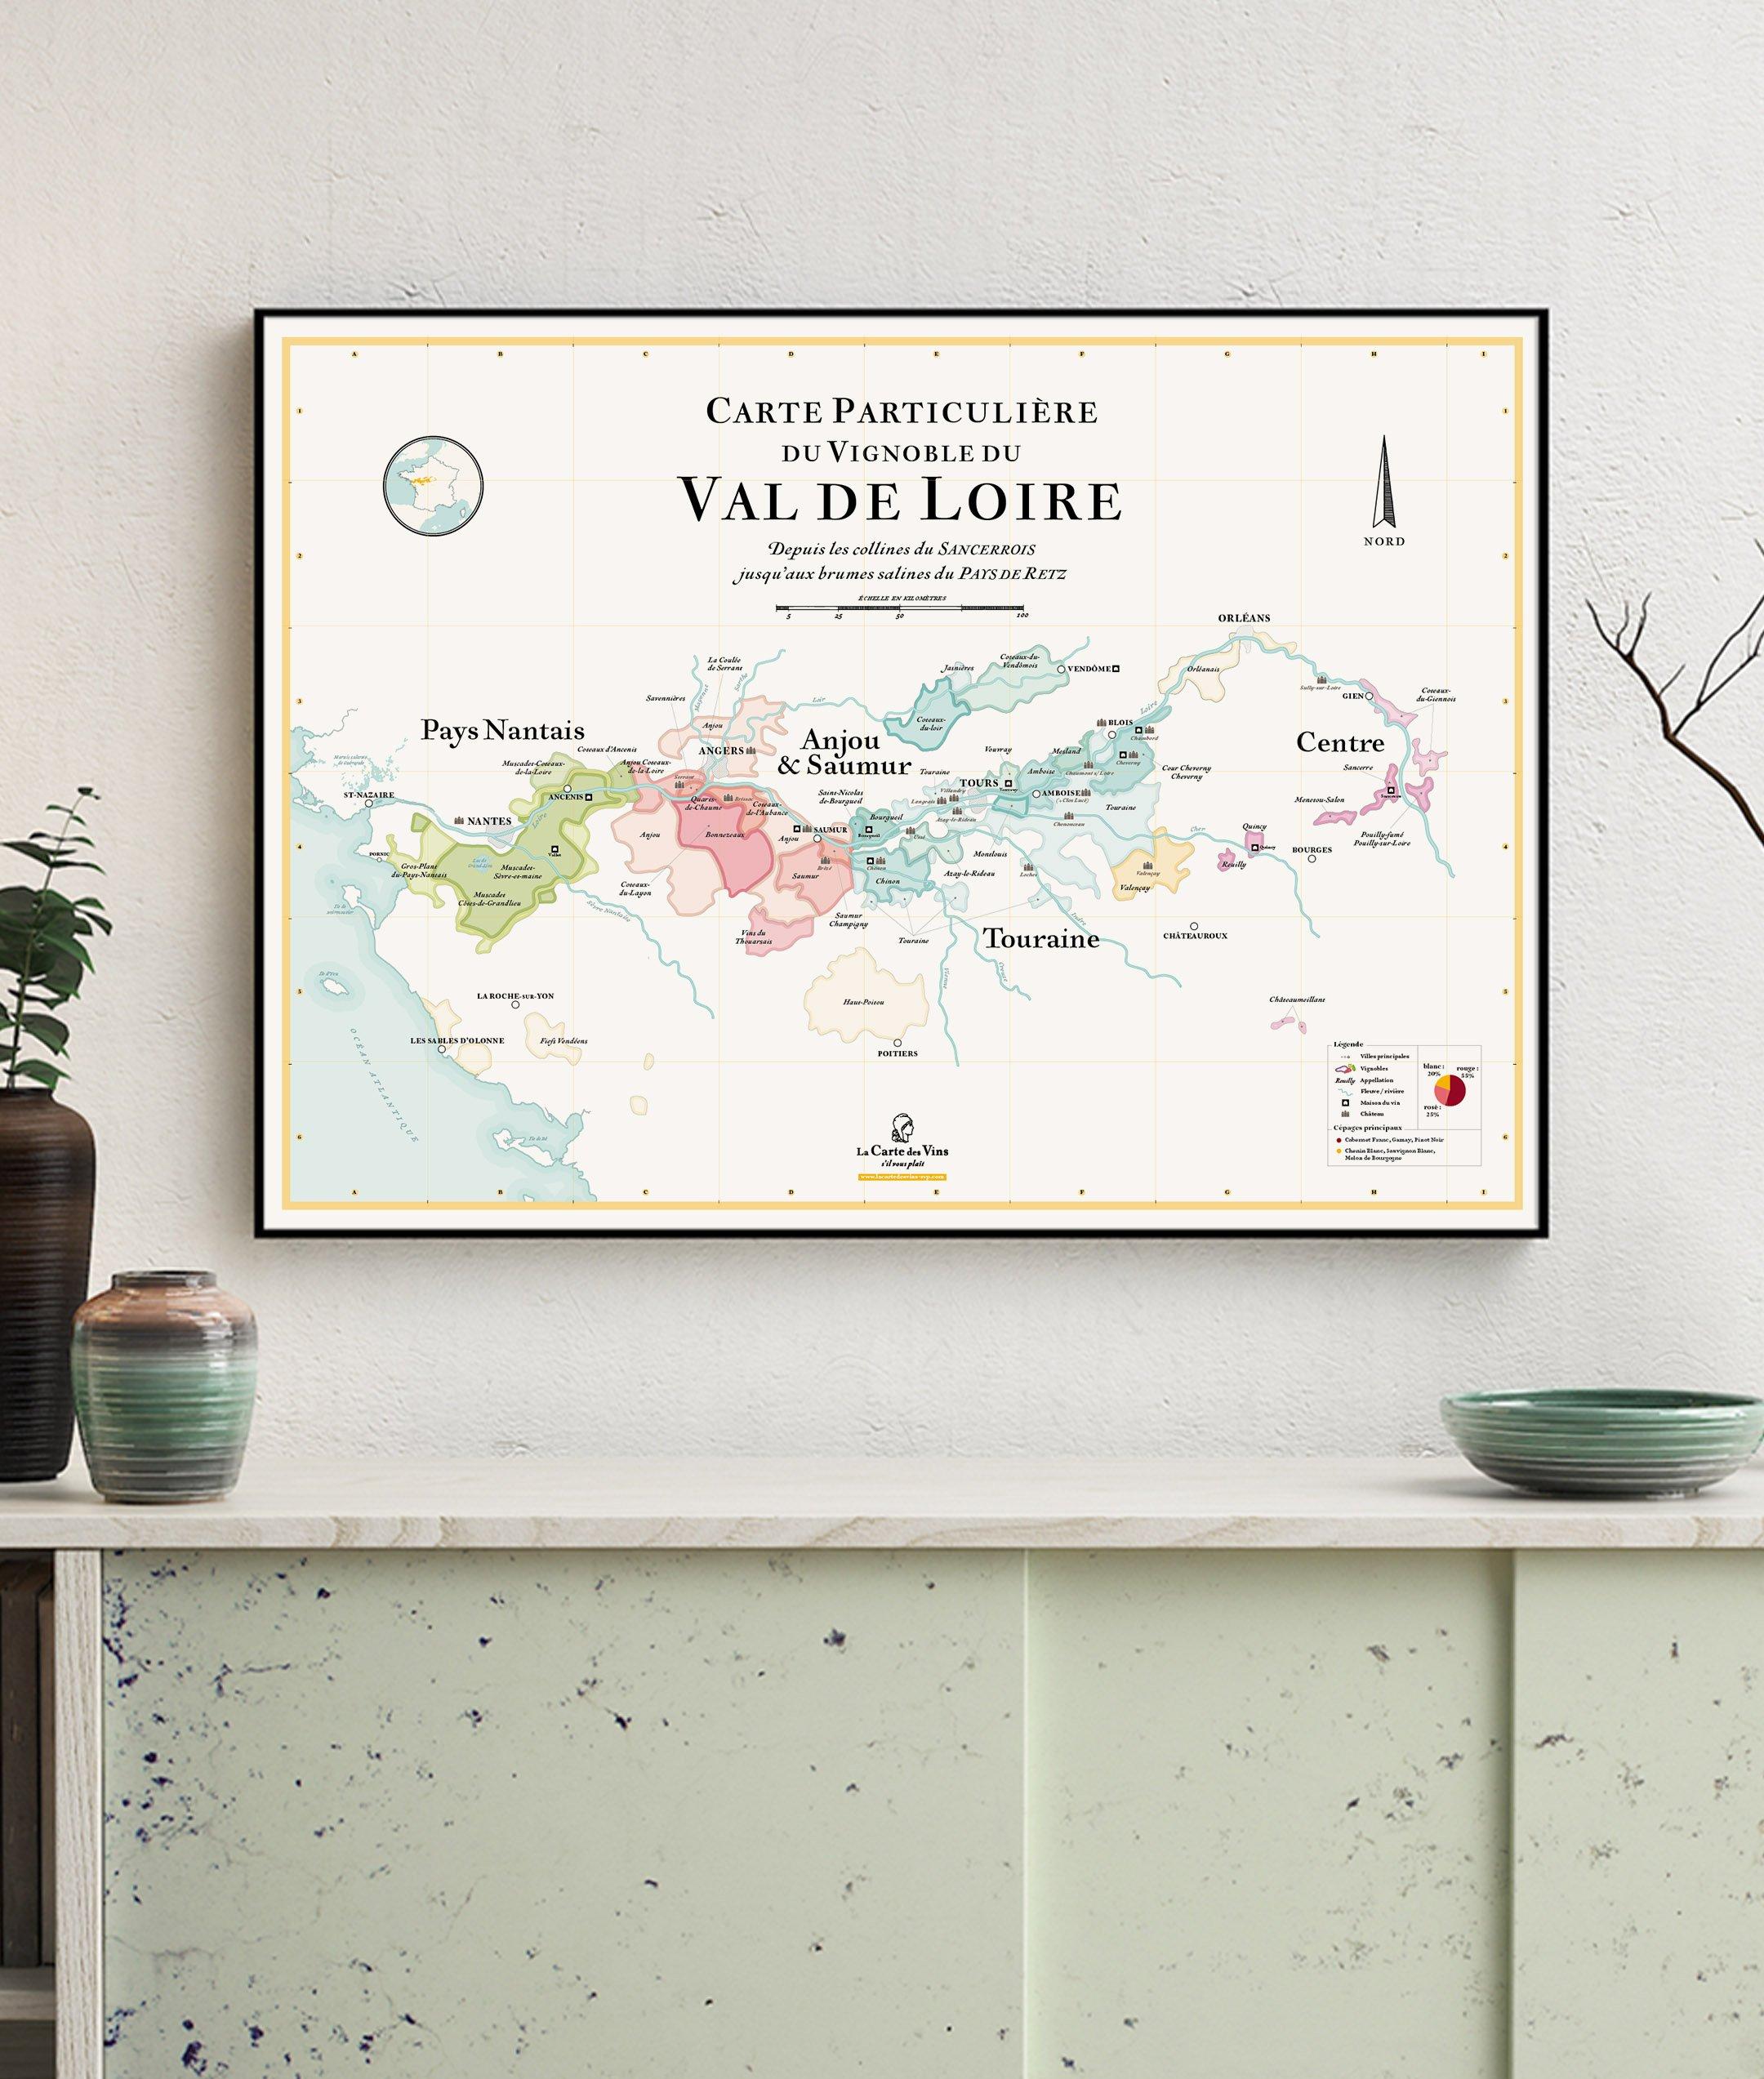 carte particulière du vignoble du val de loire, carte des vins